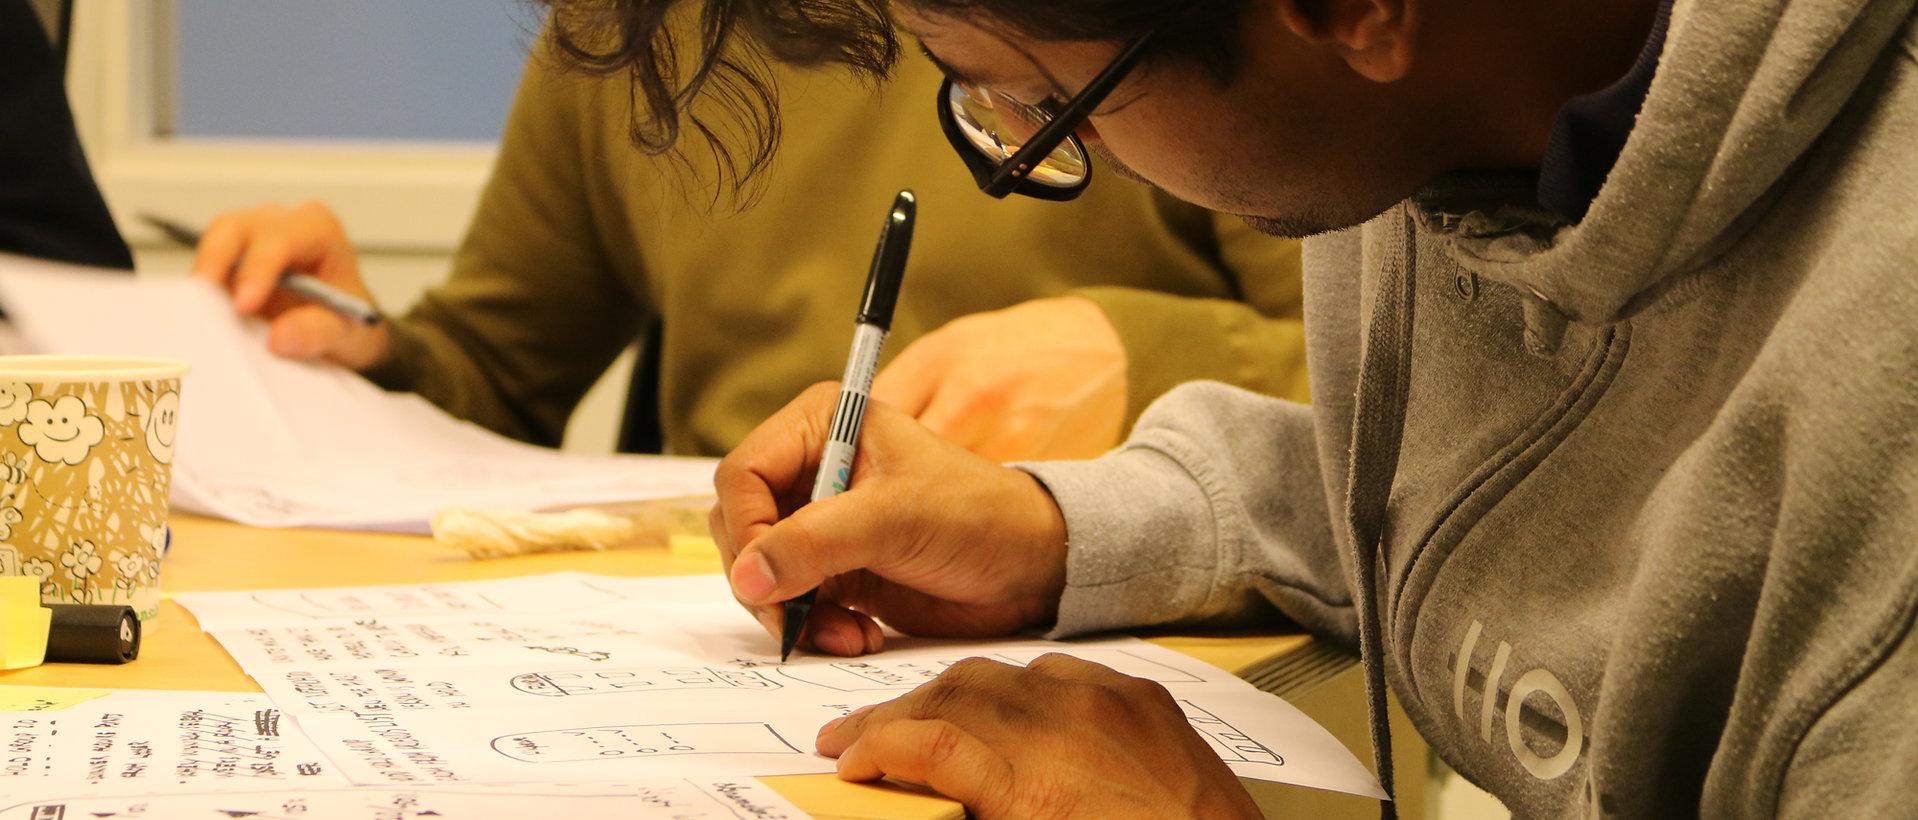 4 step sketching